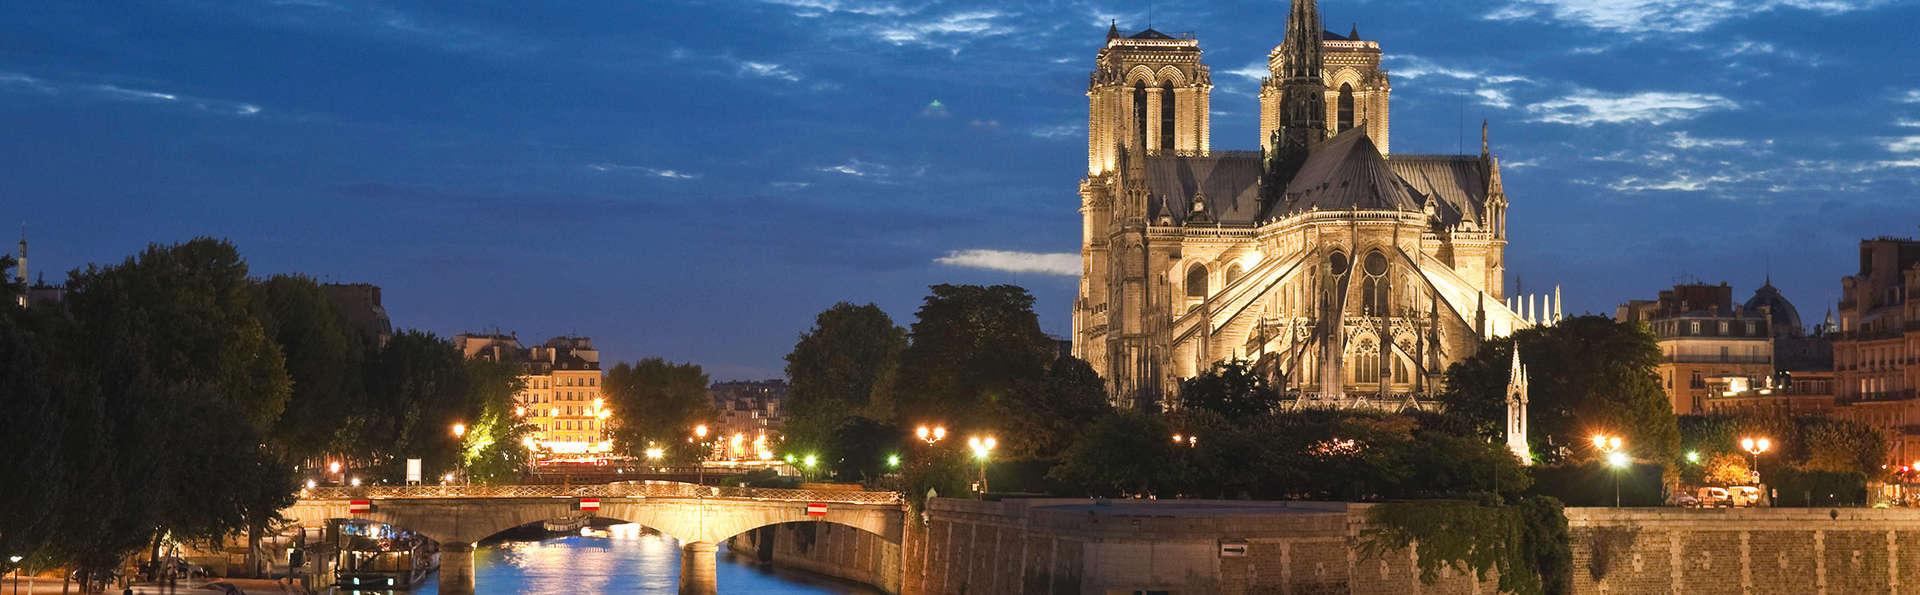 Citytrip aux portes de Paris avec croisière et apéro sur la Seine